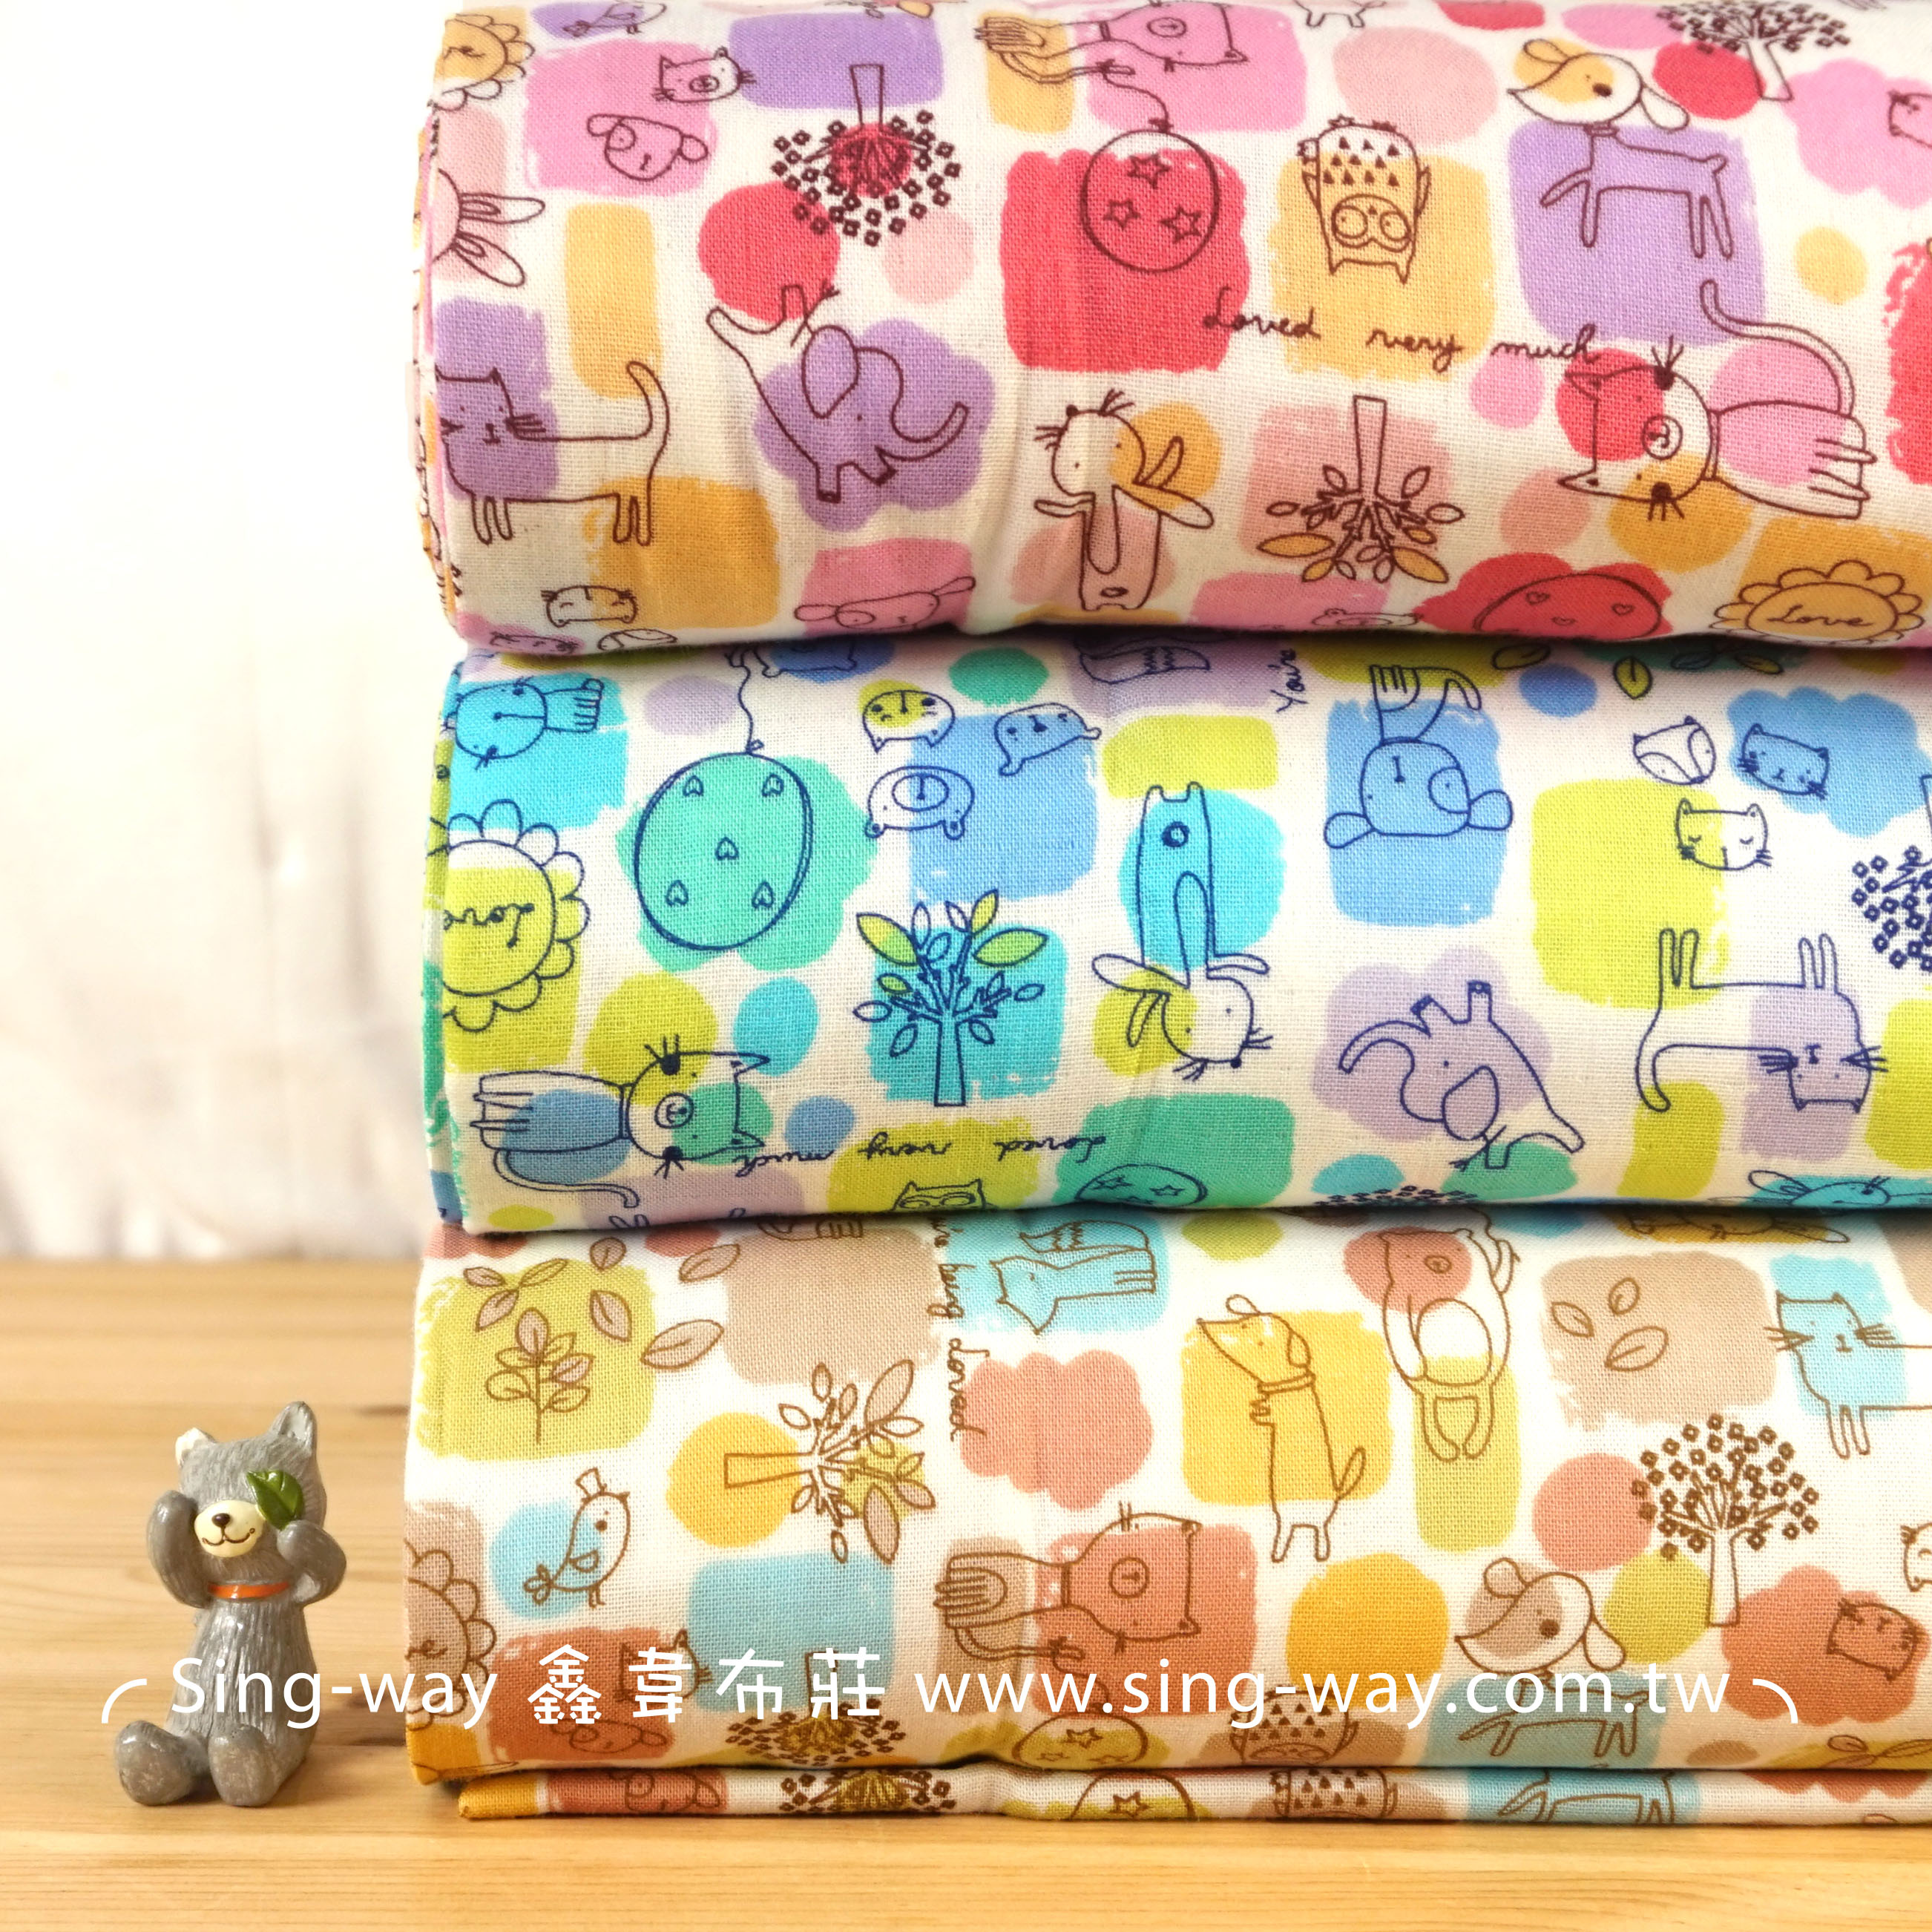 色塊可愛動物雙層紗 雙重紗 嬰兒紗布衣 手帕 口水巾 布料 二重紗 CA790071